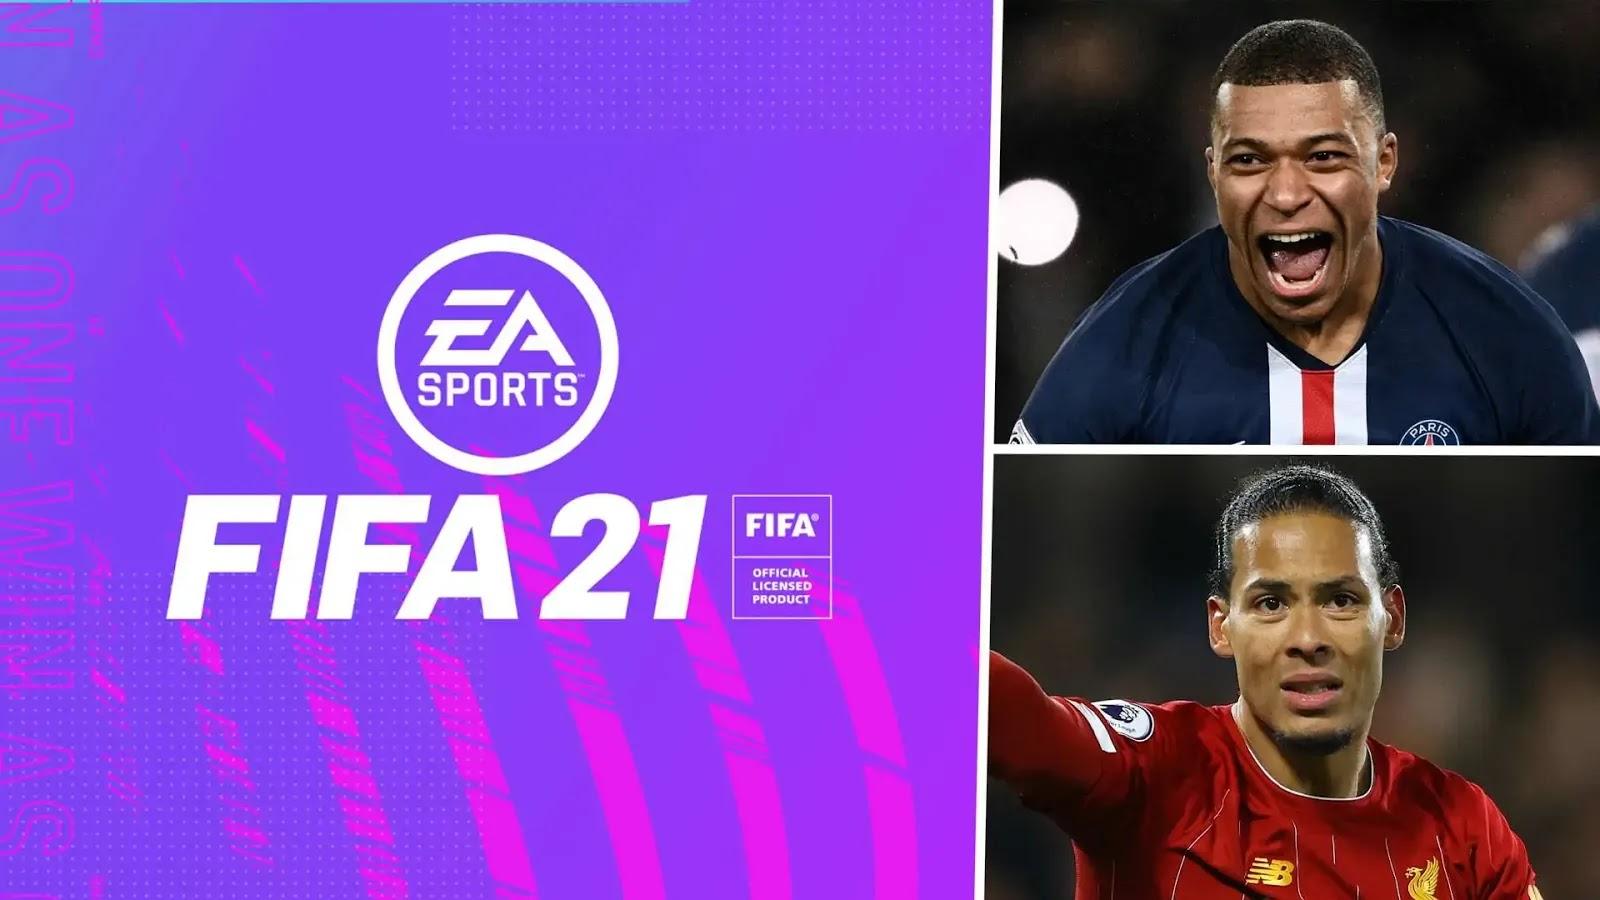 تحميل لعبة فيفا 2021 للاندرويد